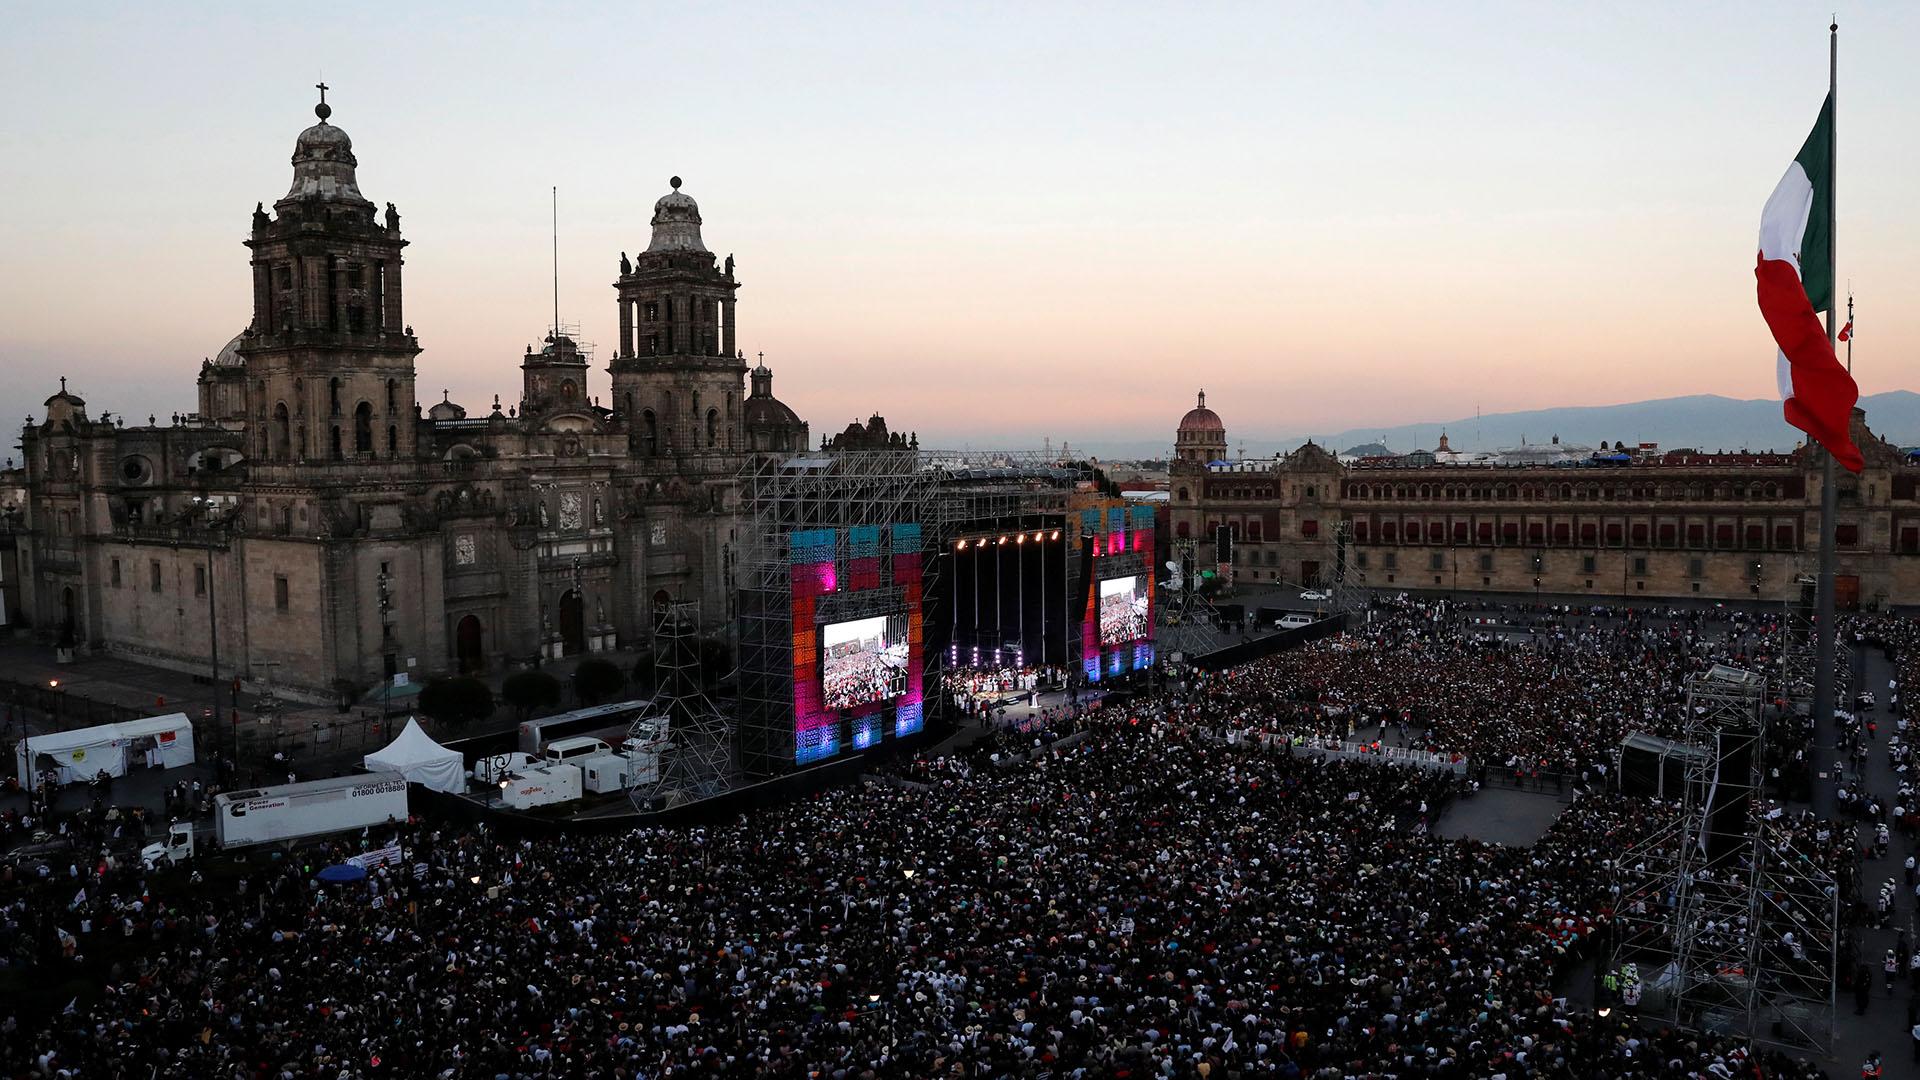 El Zócalo de la Ciudad de México abarrotado de gente para escuchar el primer mensaje como presidente de Andrés Manuel López Obrador el 1 de diciembre